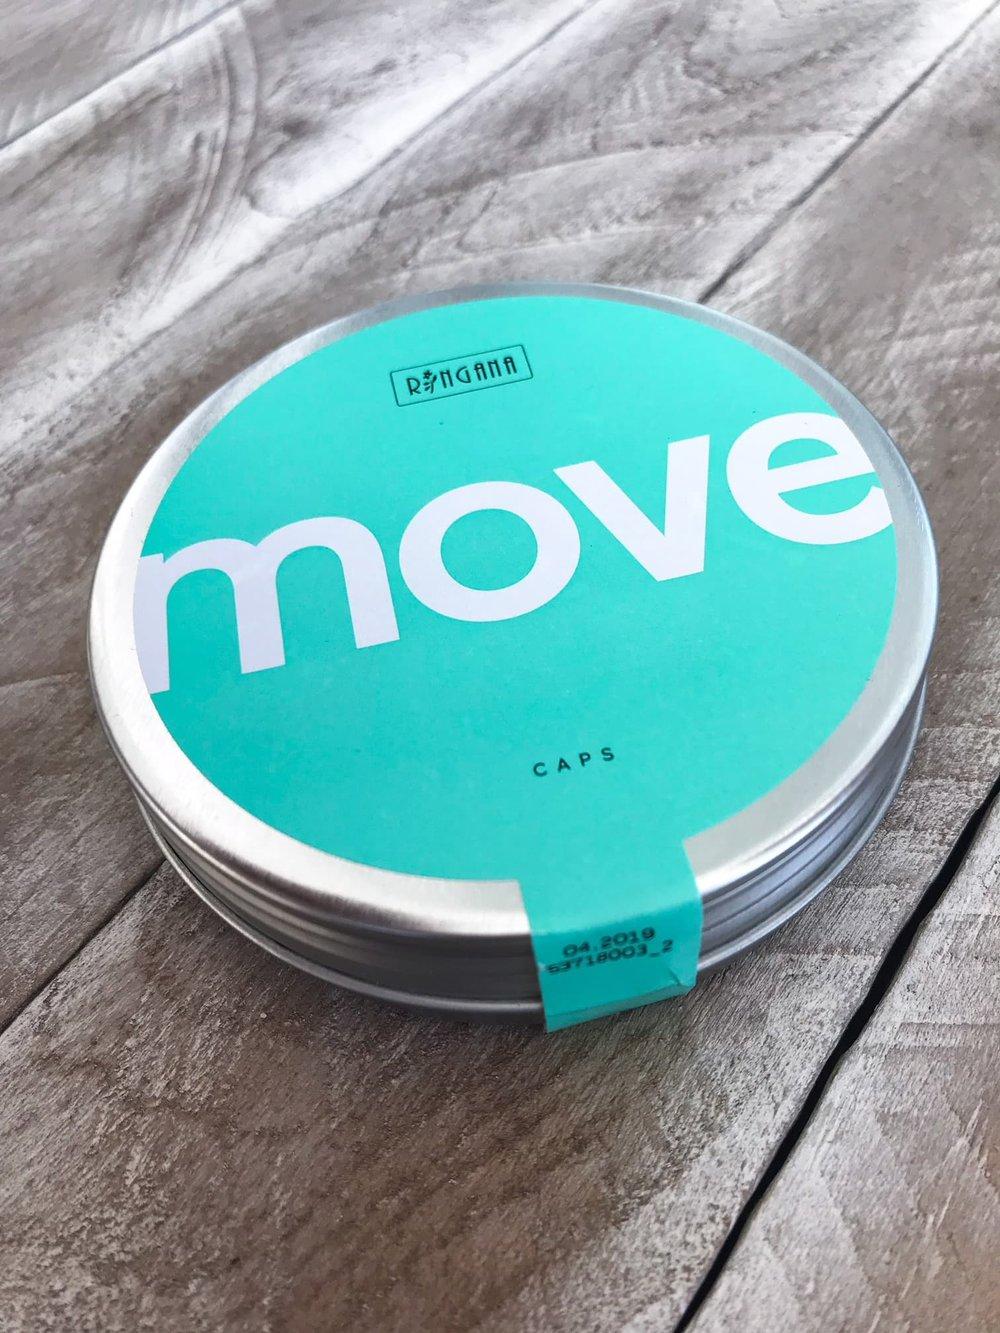 Die CAPS move für flexible Gelenke - Foto by Inselamigo